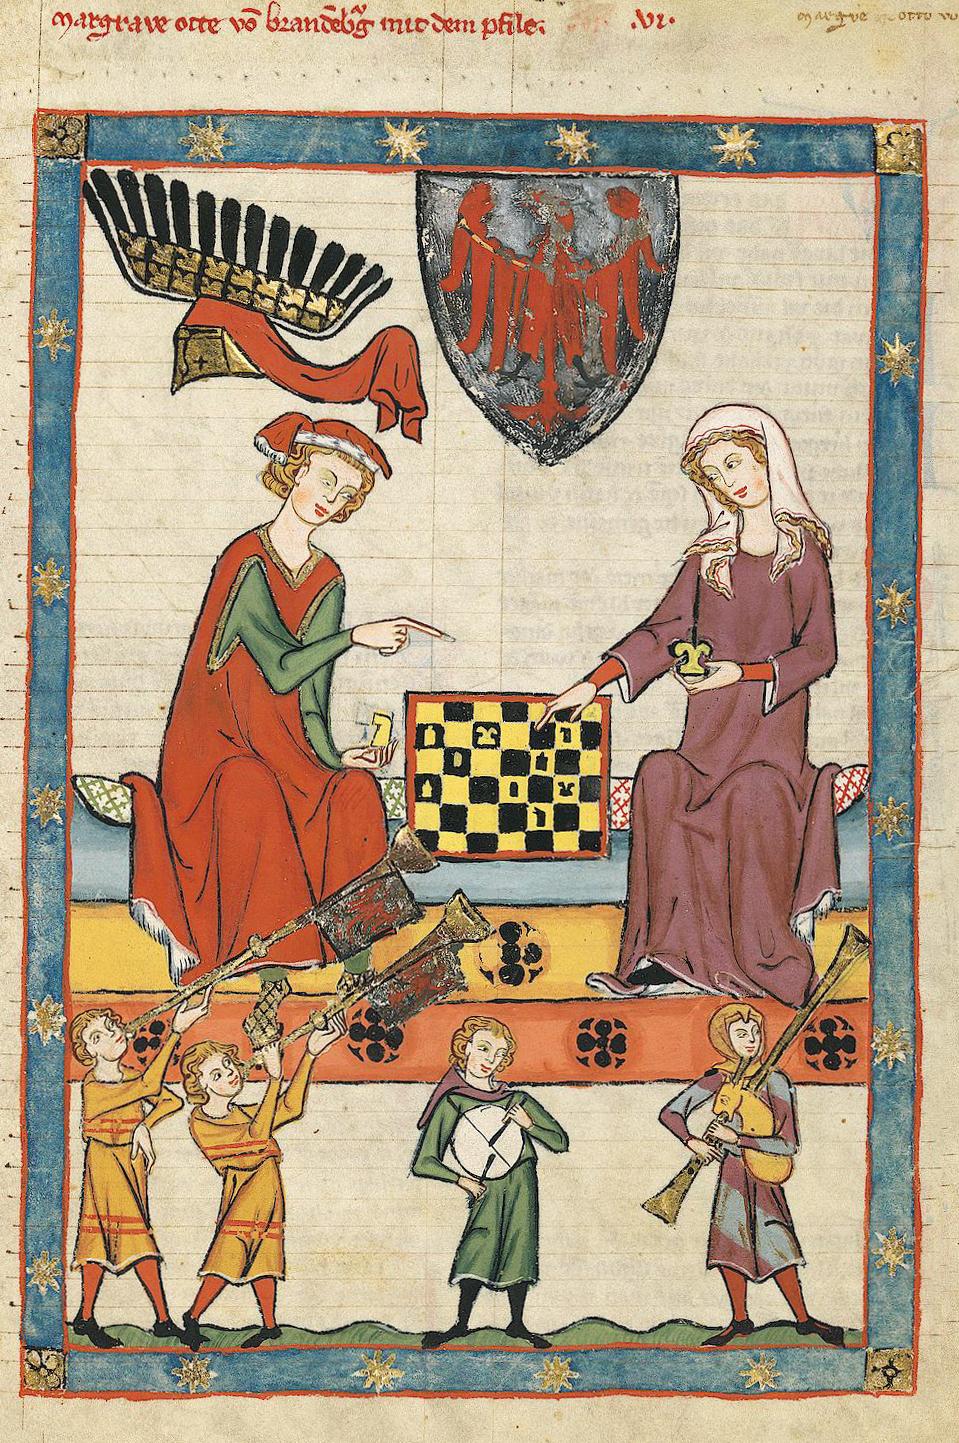 http://upload.wikimedia.org/wikipedia/commons/2/24/Meister_der_Manessischen_Liederhandschrift_004.jpg